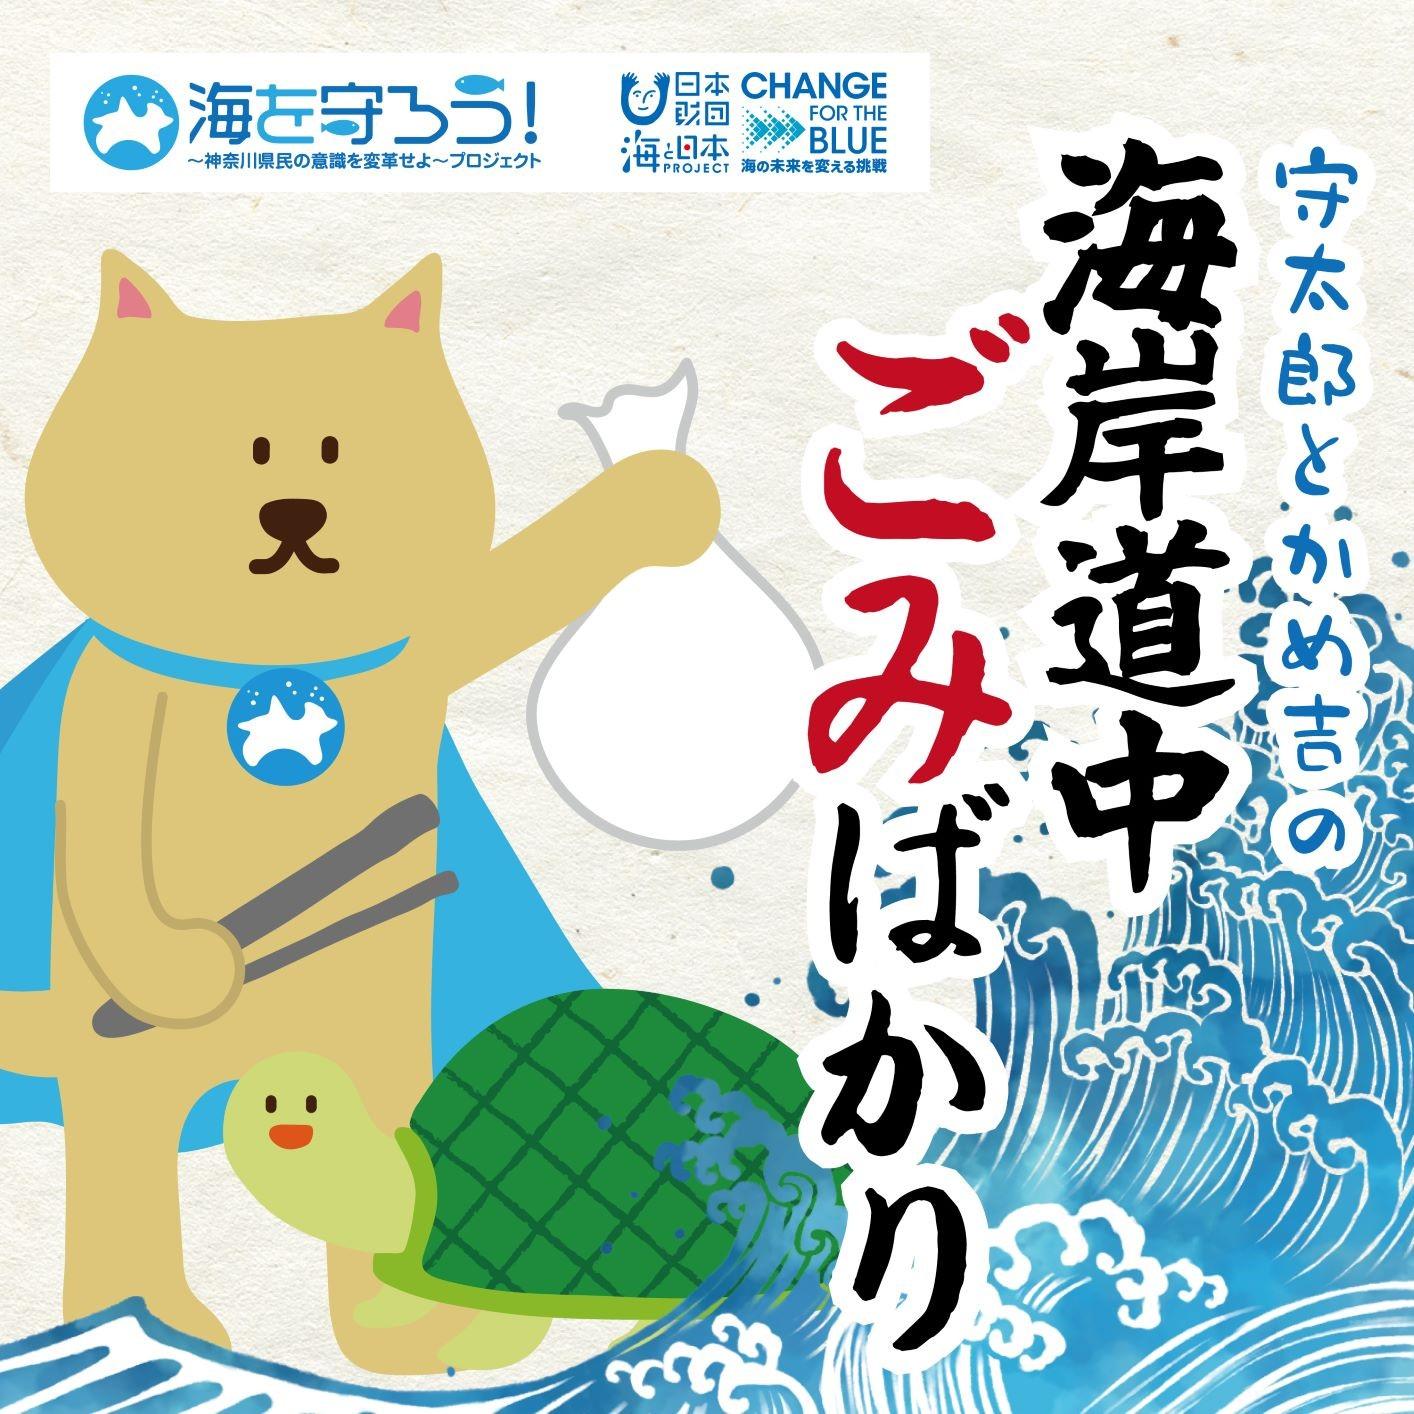 海の大切さを訴えるオリジナル・ボイスドラマ 「守太郎とかめ吉の海岸道中ごみばかり」